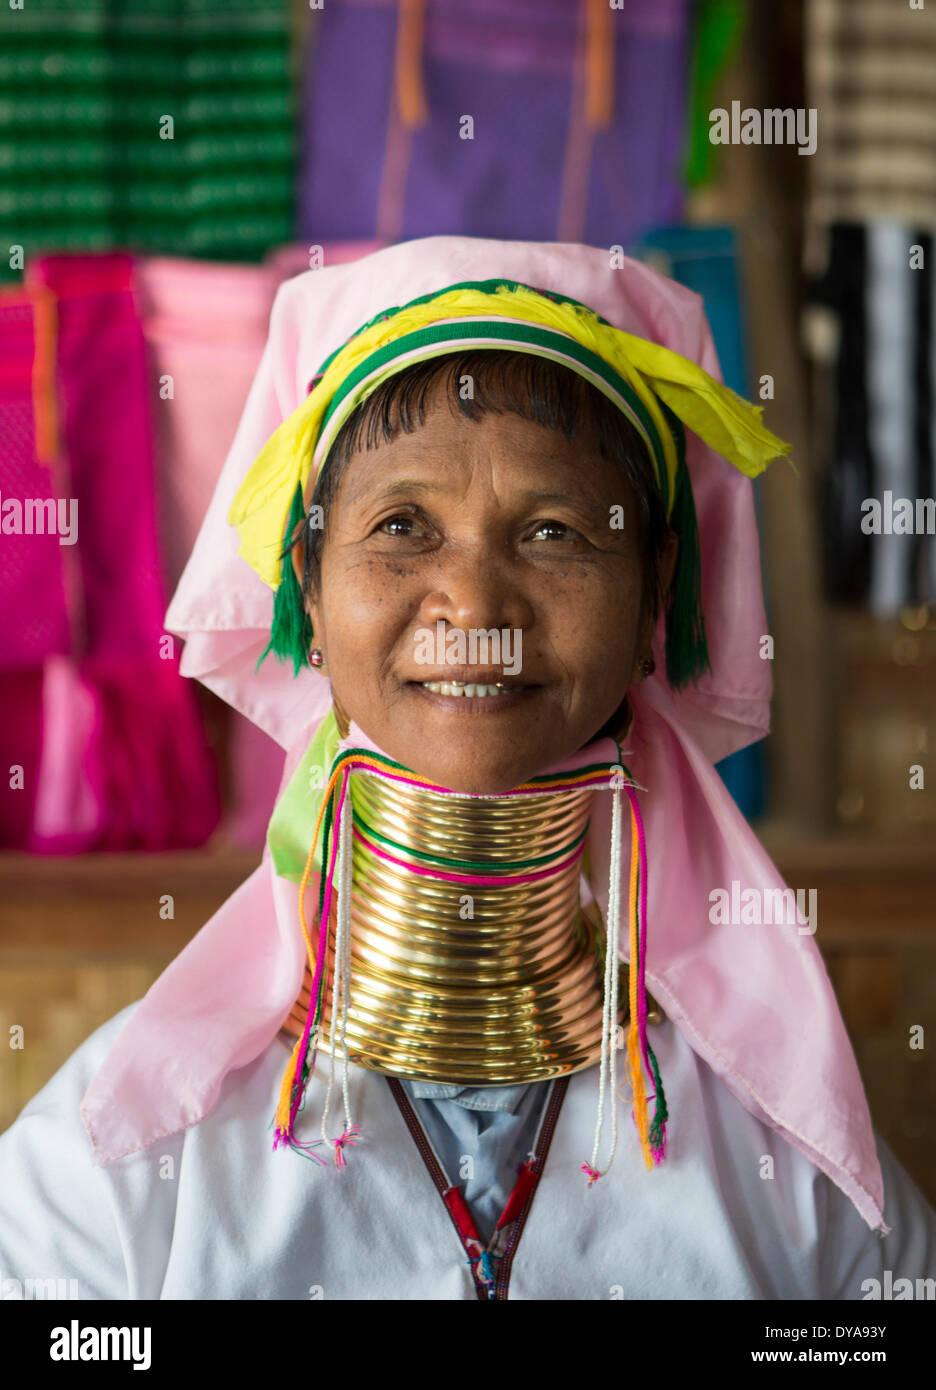 Giraffe Frau Inle Myanmar Burma Attraktion bunte glauben See Hals lange schmerzhafte Religion touristischen Tradition Asienreise Stockbild